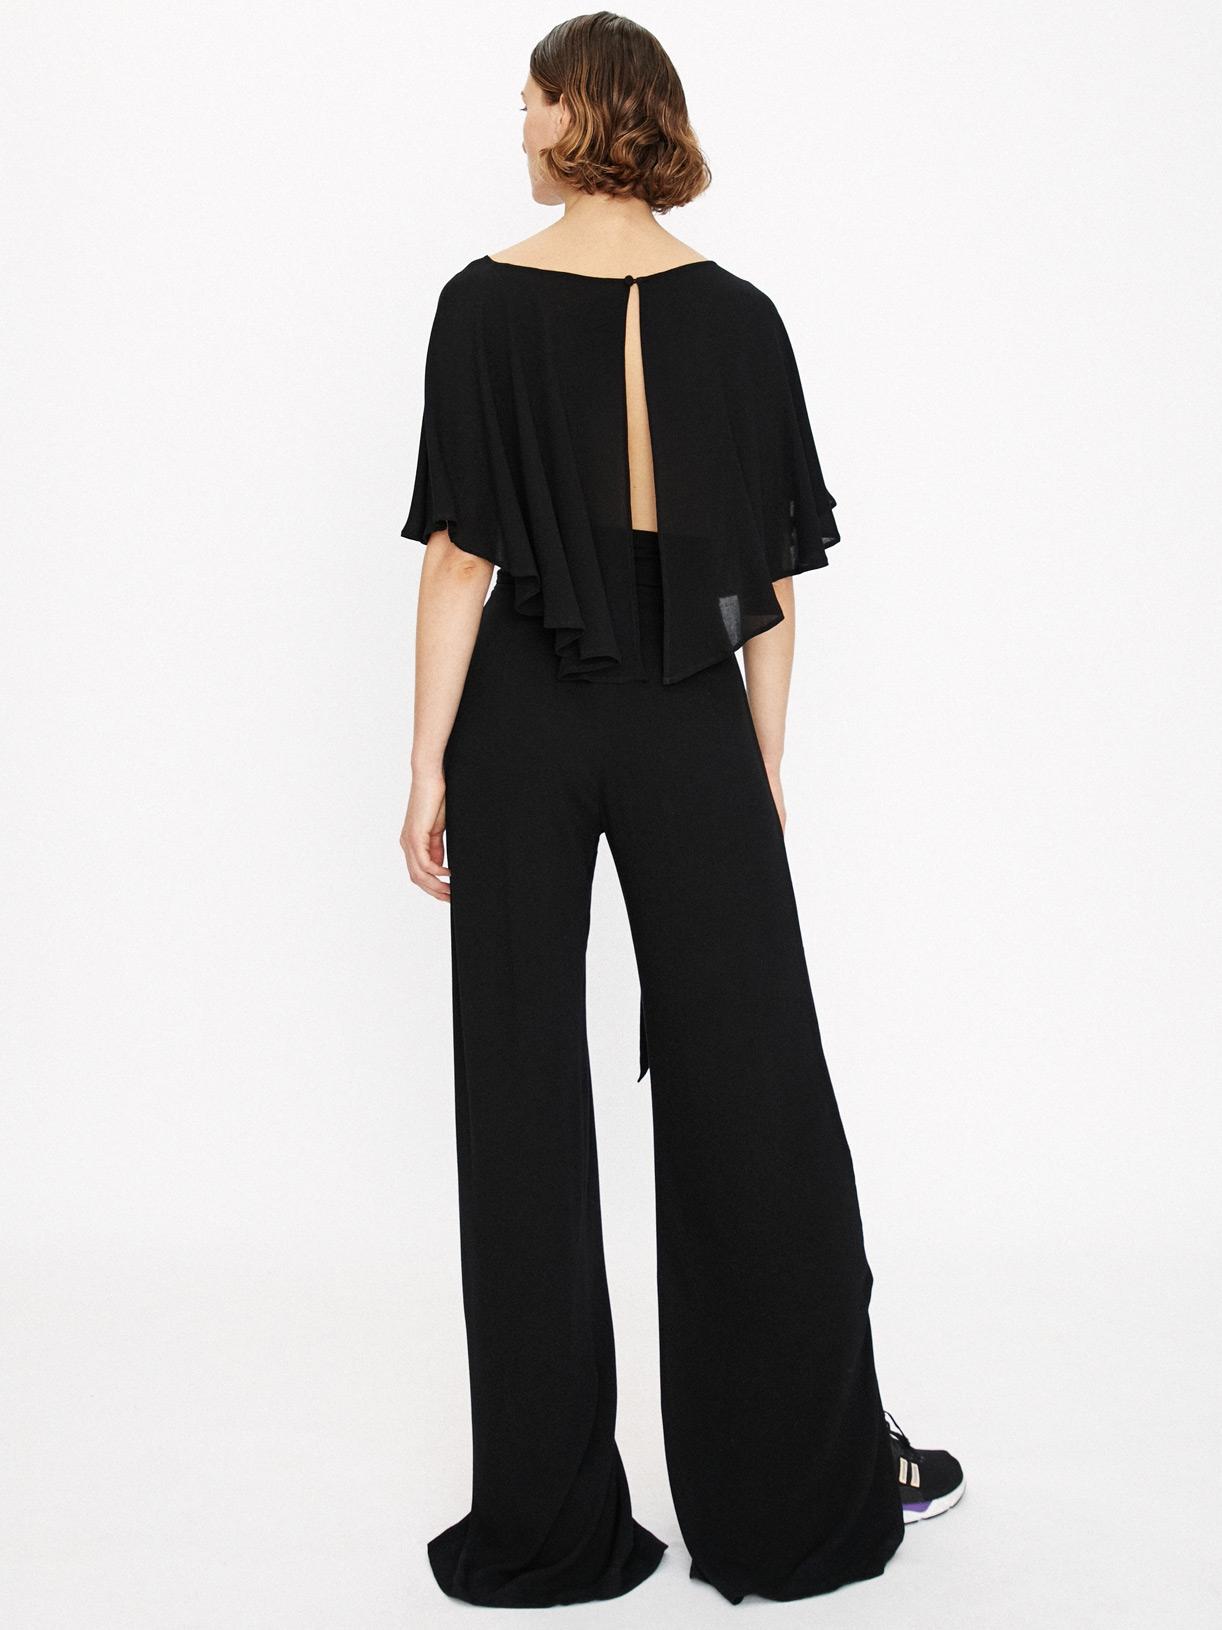 Pantalon large fendu noir a ceinture large éthique et sur-mesure Andra - Myphilosophy